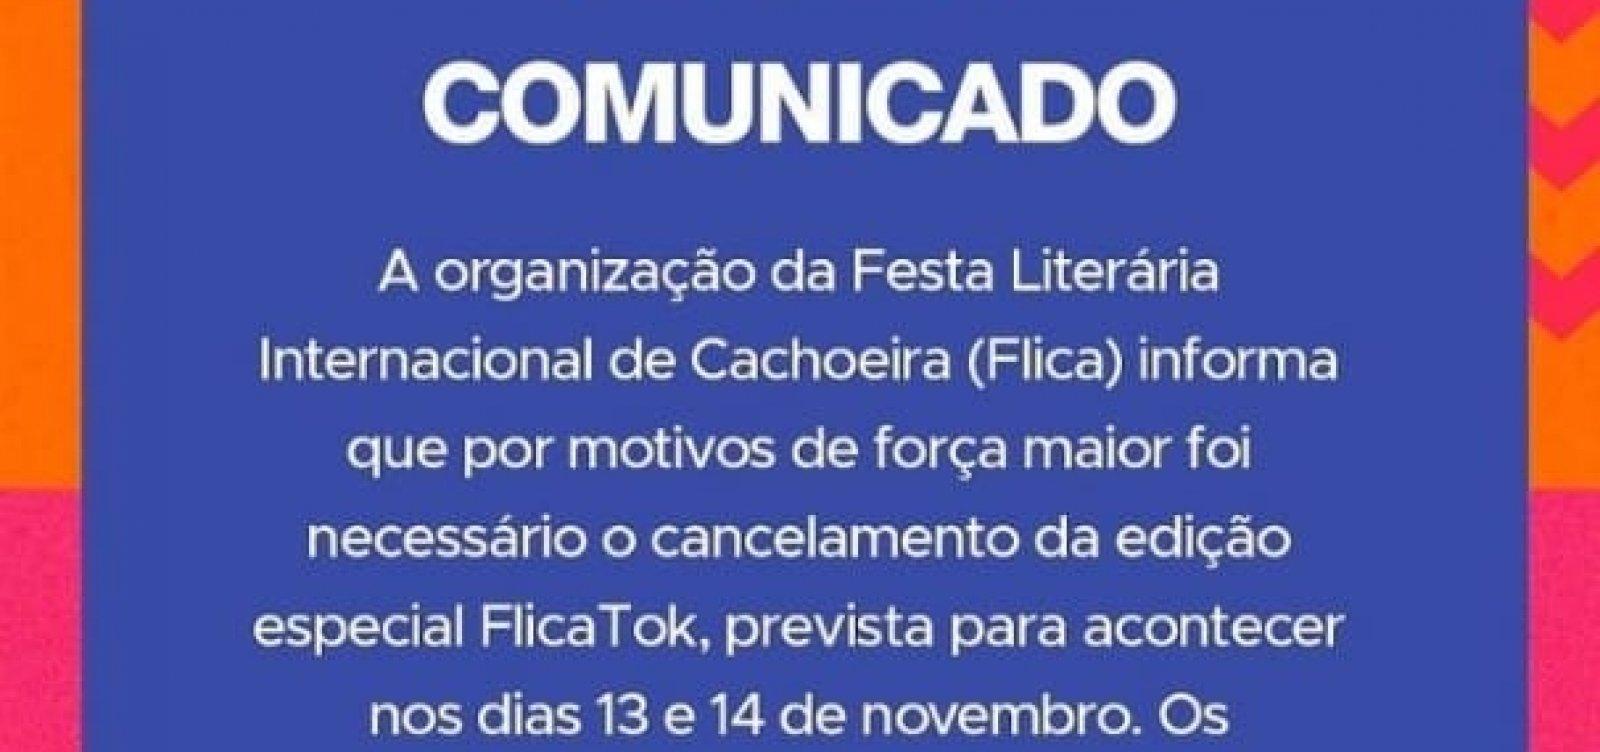 Organização da Flica cancela edição de 2021